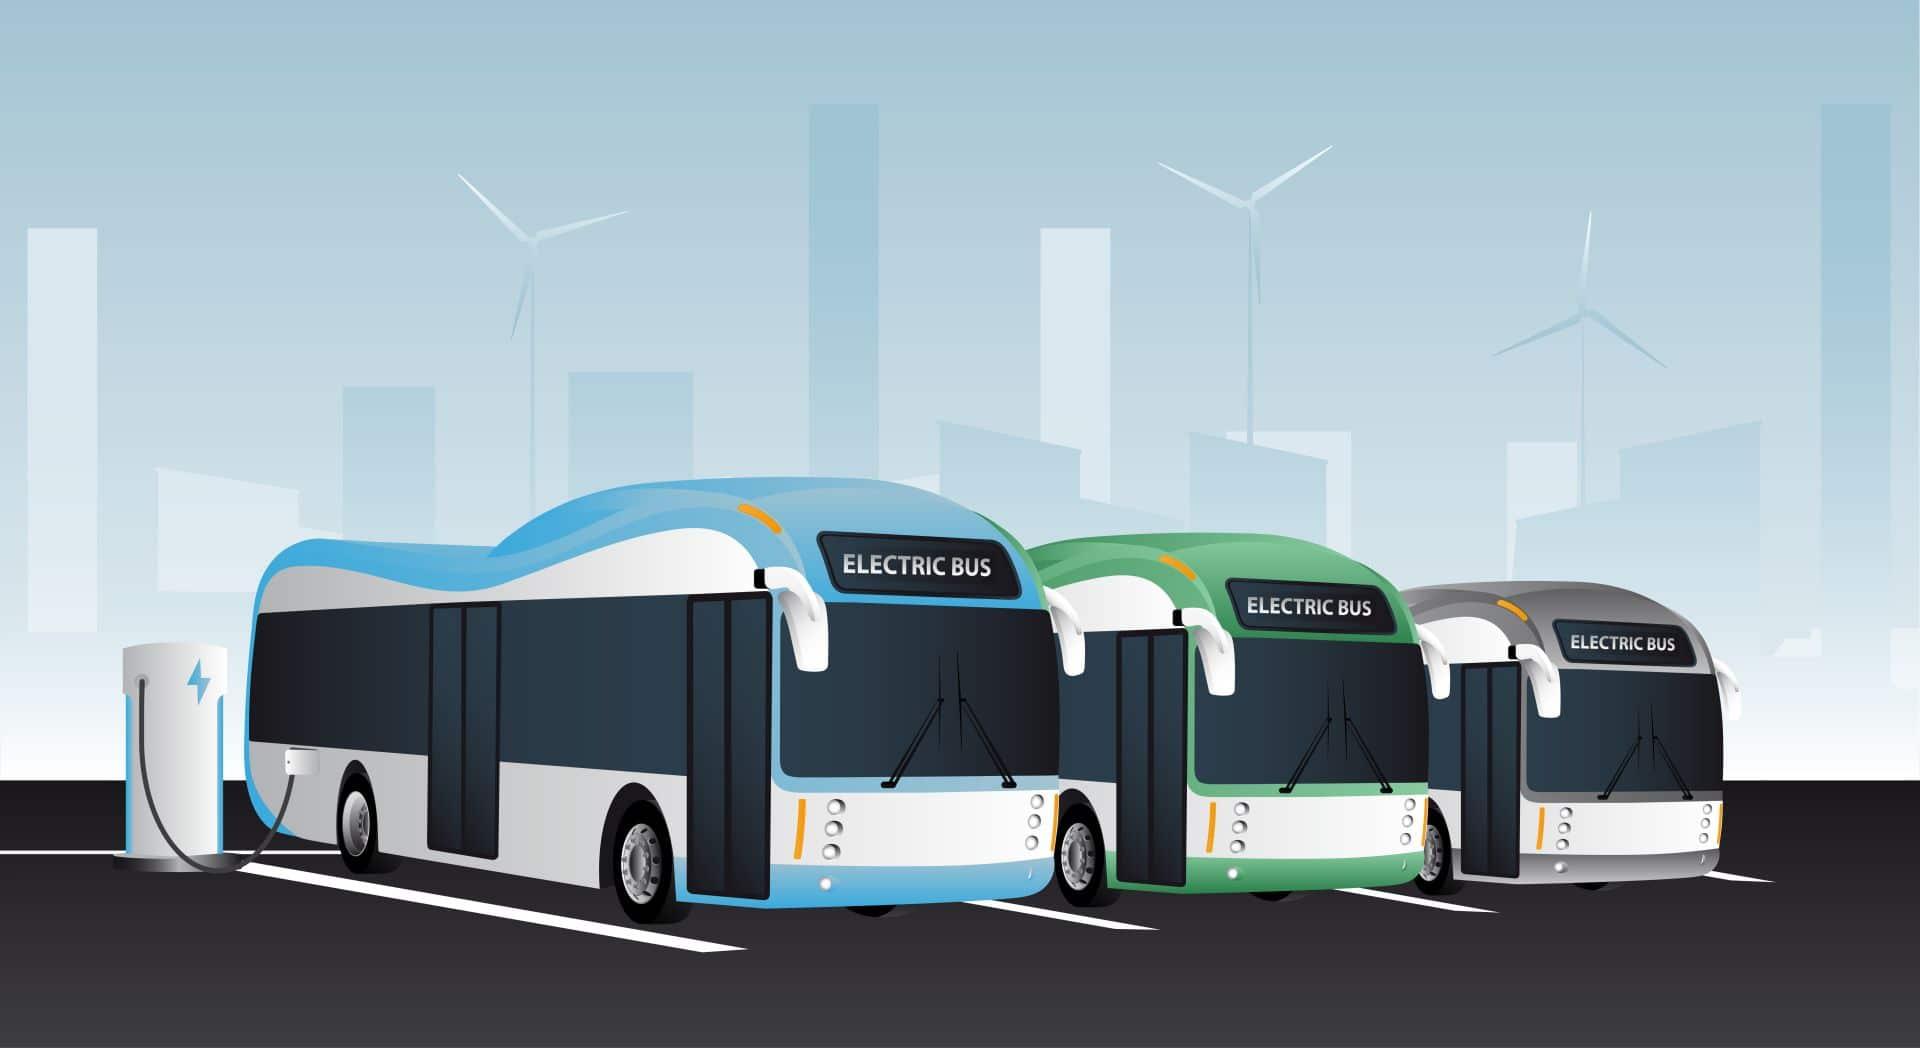 Verband Deutscher Verkehrsunternehmen: Elektrifizierung schreitet nicht schnell genug voran